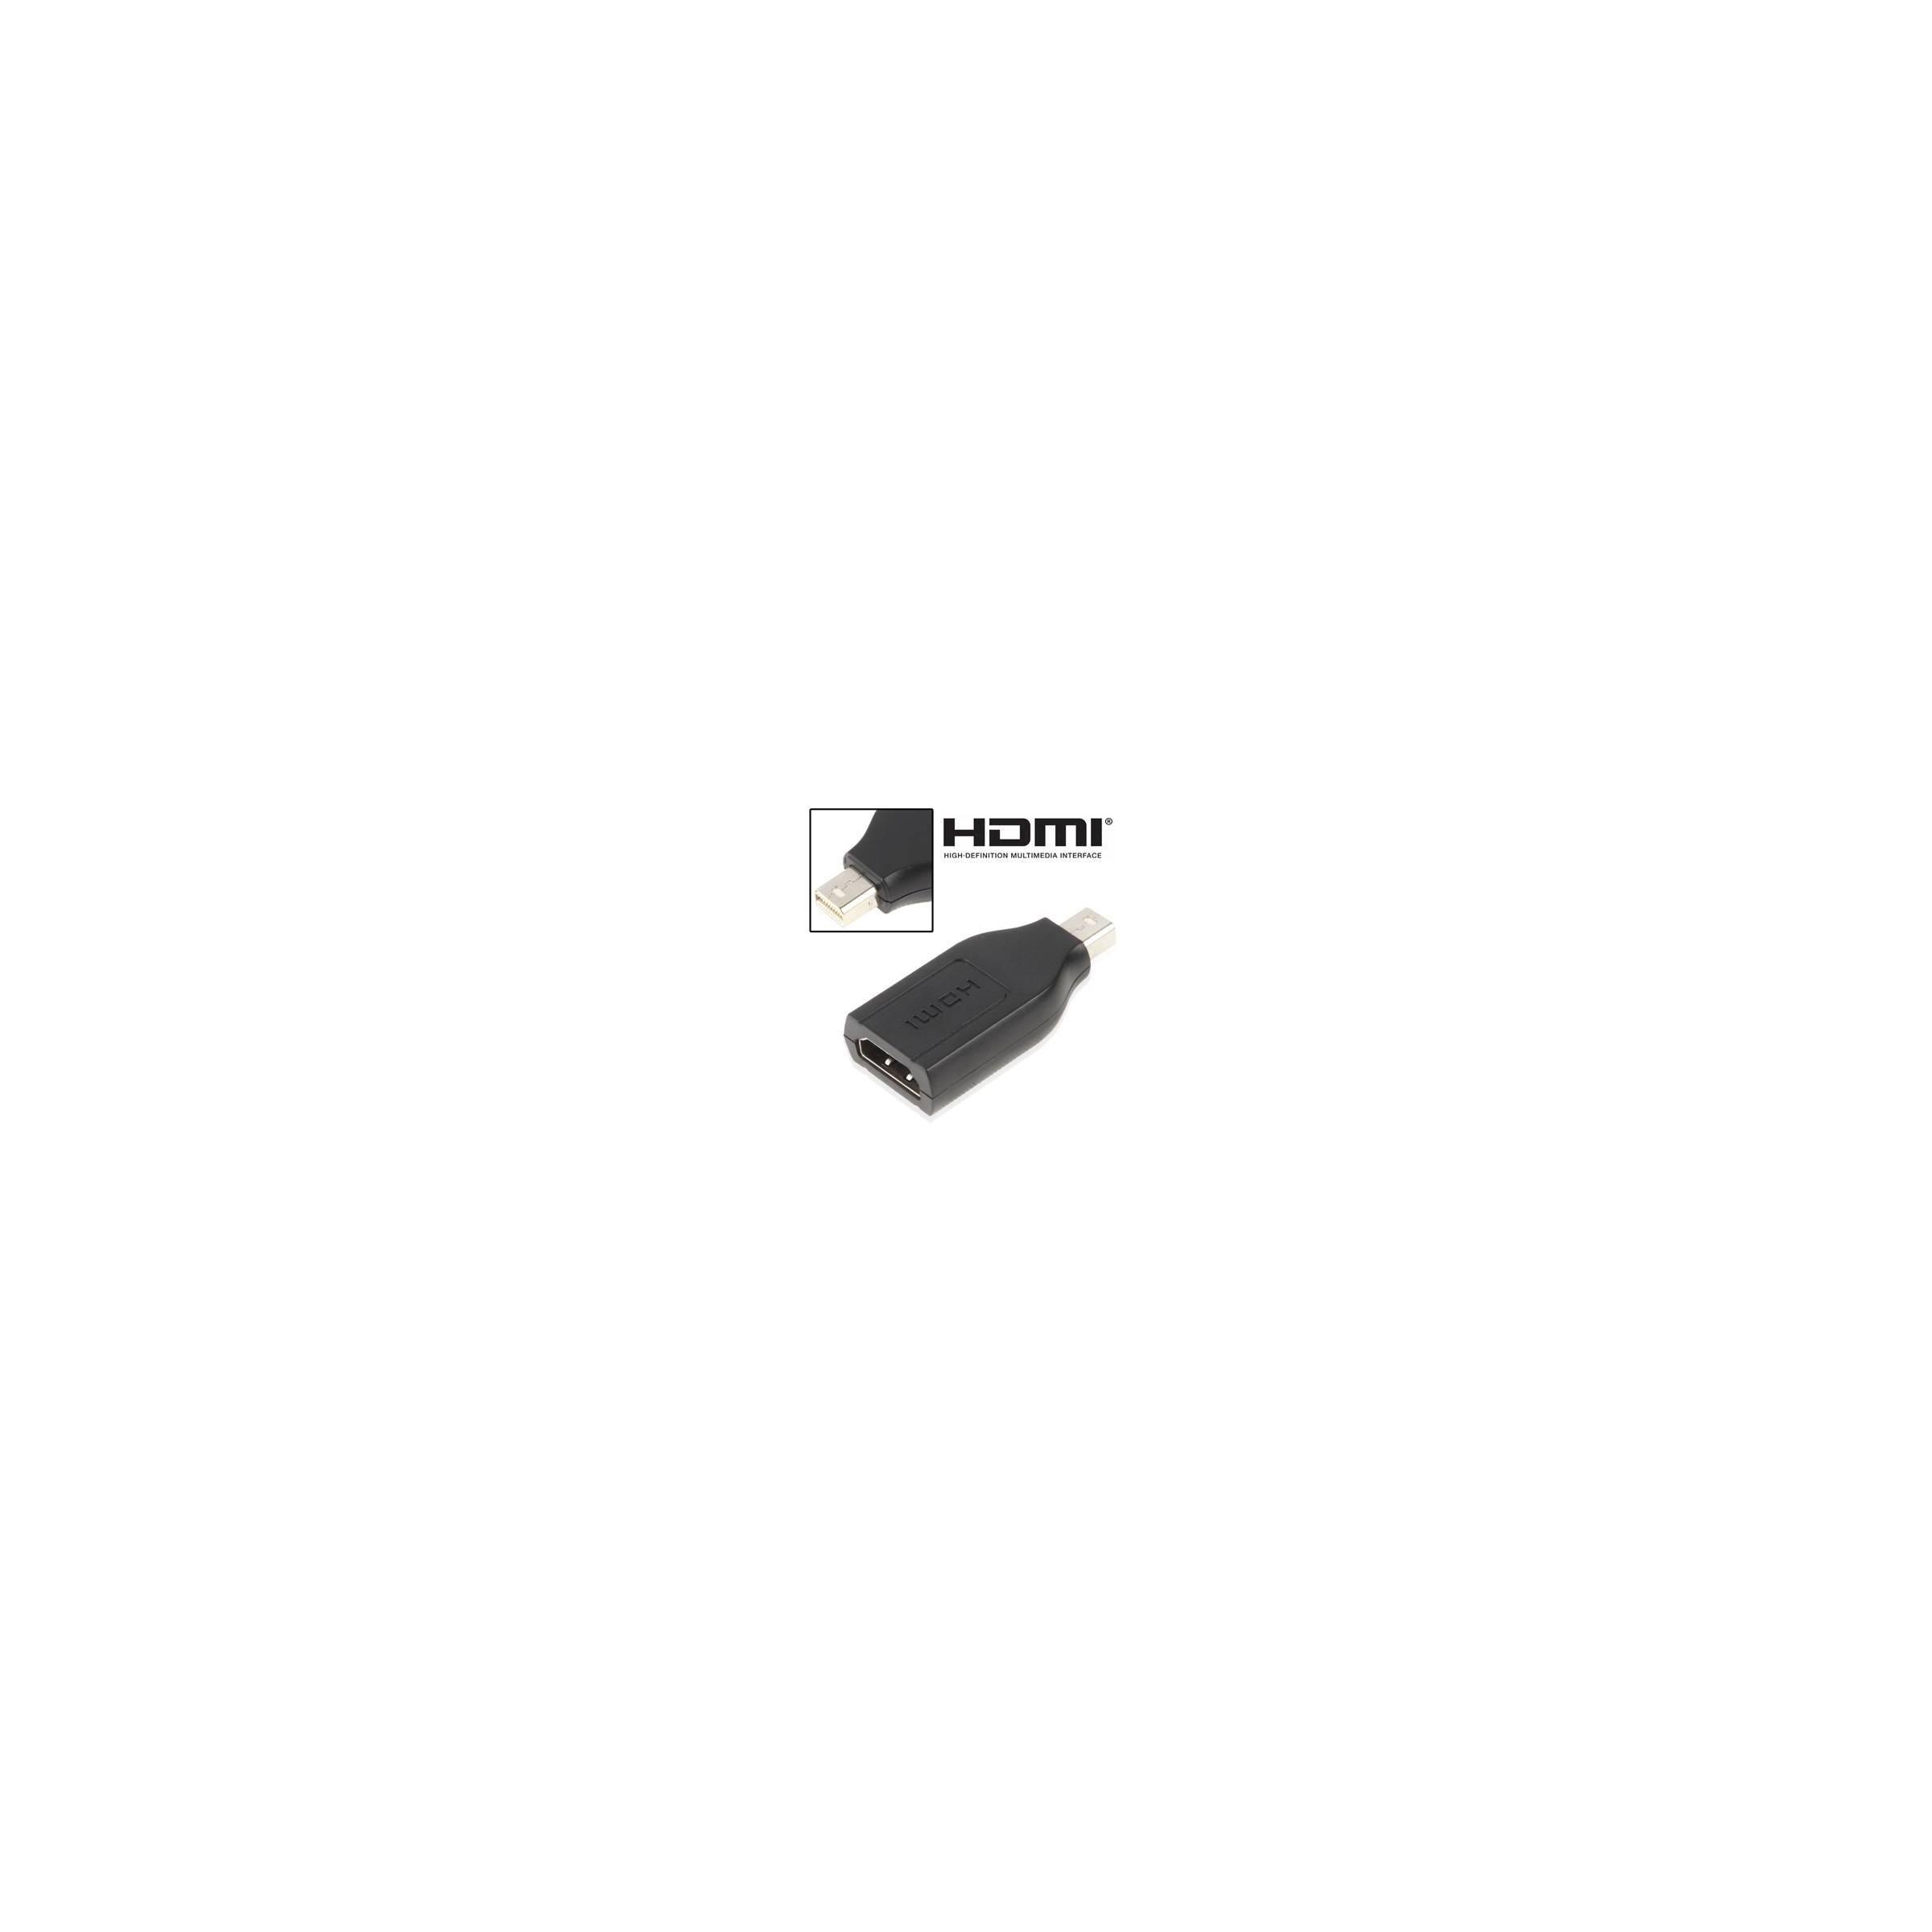 Meget lille hdmi til mini displayport adapter farve sort fra kina oem fra mackabler.dk